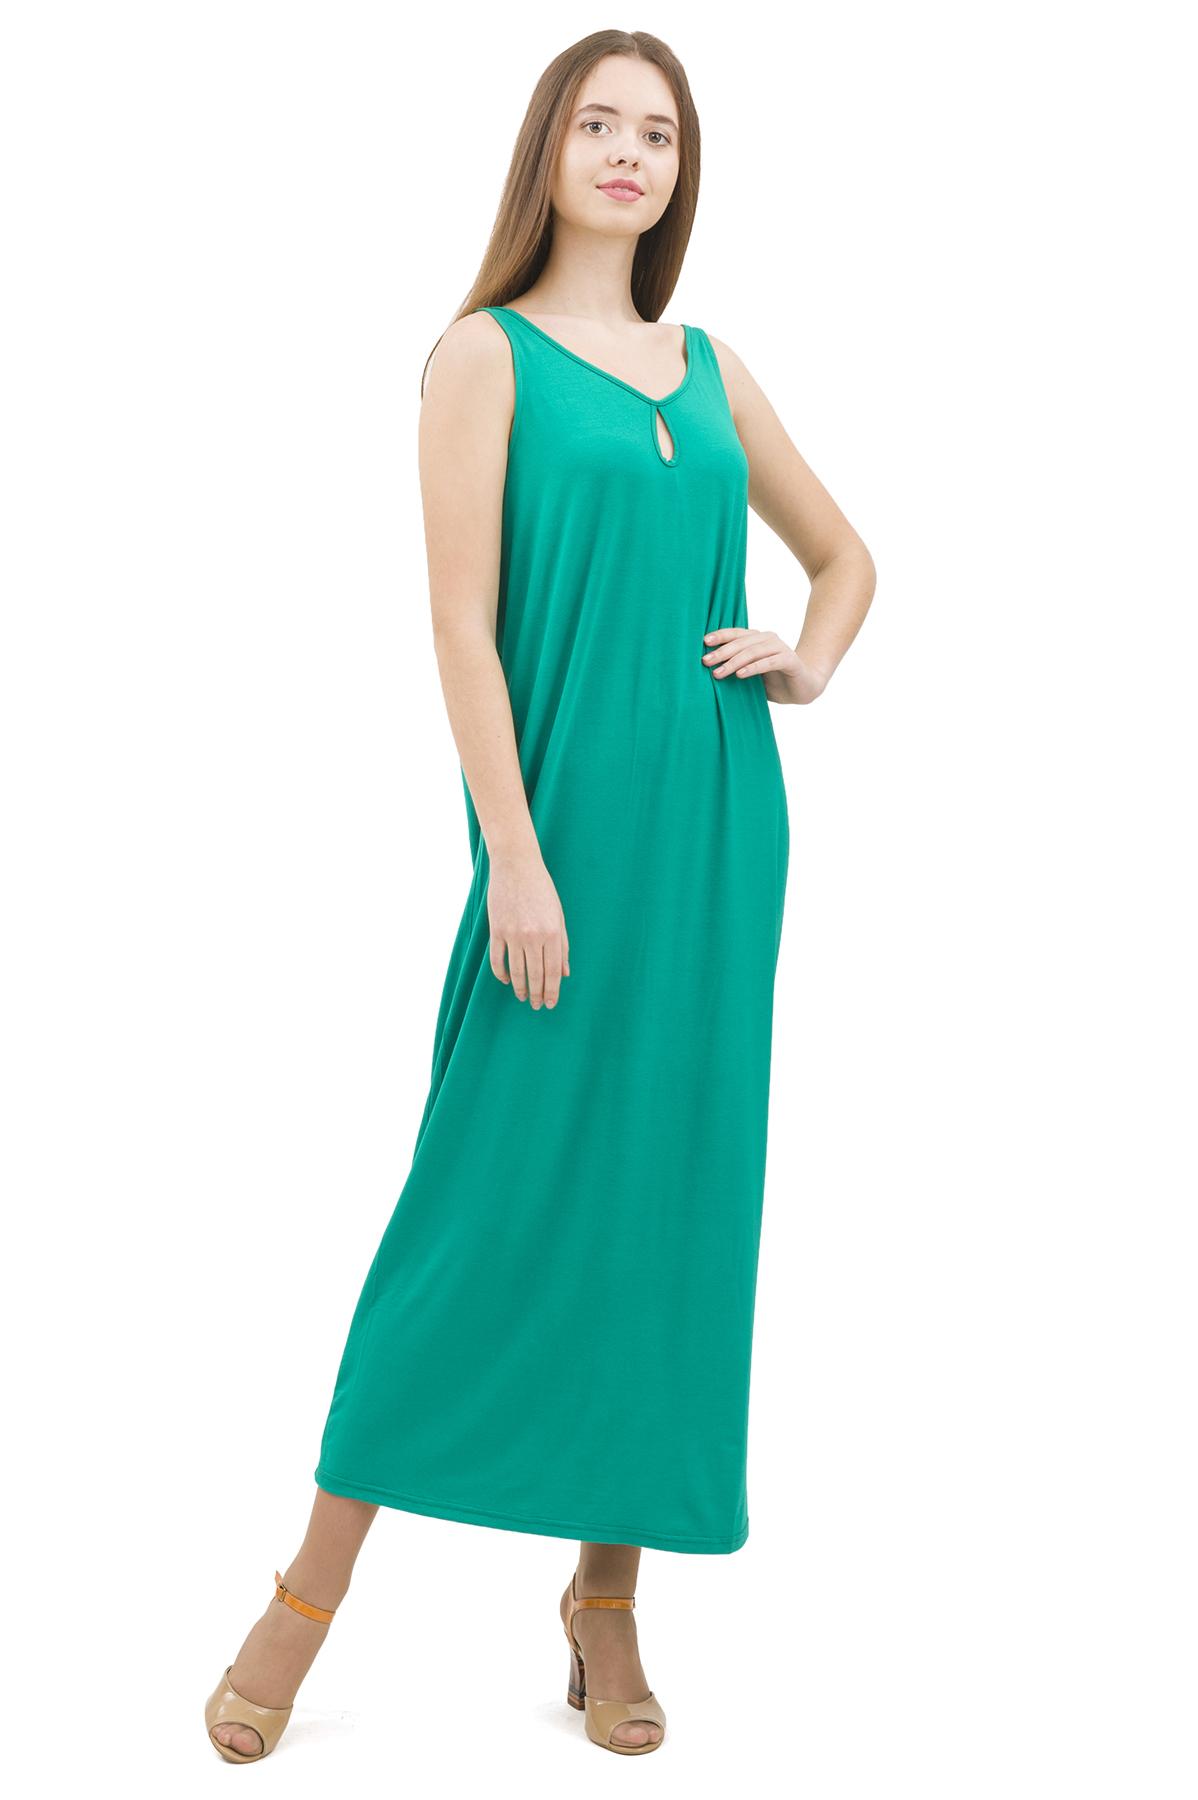 СарафанПлатья,  сарафаны<br>Стильный сарафан выполнен из натуральной ткани - льна. Данная модель удачно подчеркнет красоту Вашей фигуры, а яркая расцветка сарафана не оставит Вас незамеченной.<br><br>Цвет: зеленый<br>Состав: 92% вискоза; 8% эластан<br>Размер: 40,42,44,46,48<br>Страна дизайна: Россия<br>Страна производства: Россия